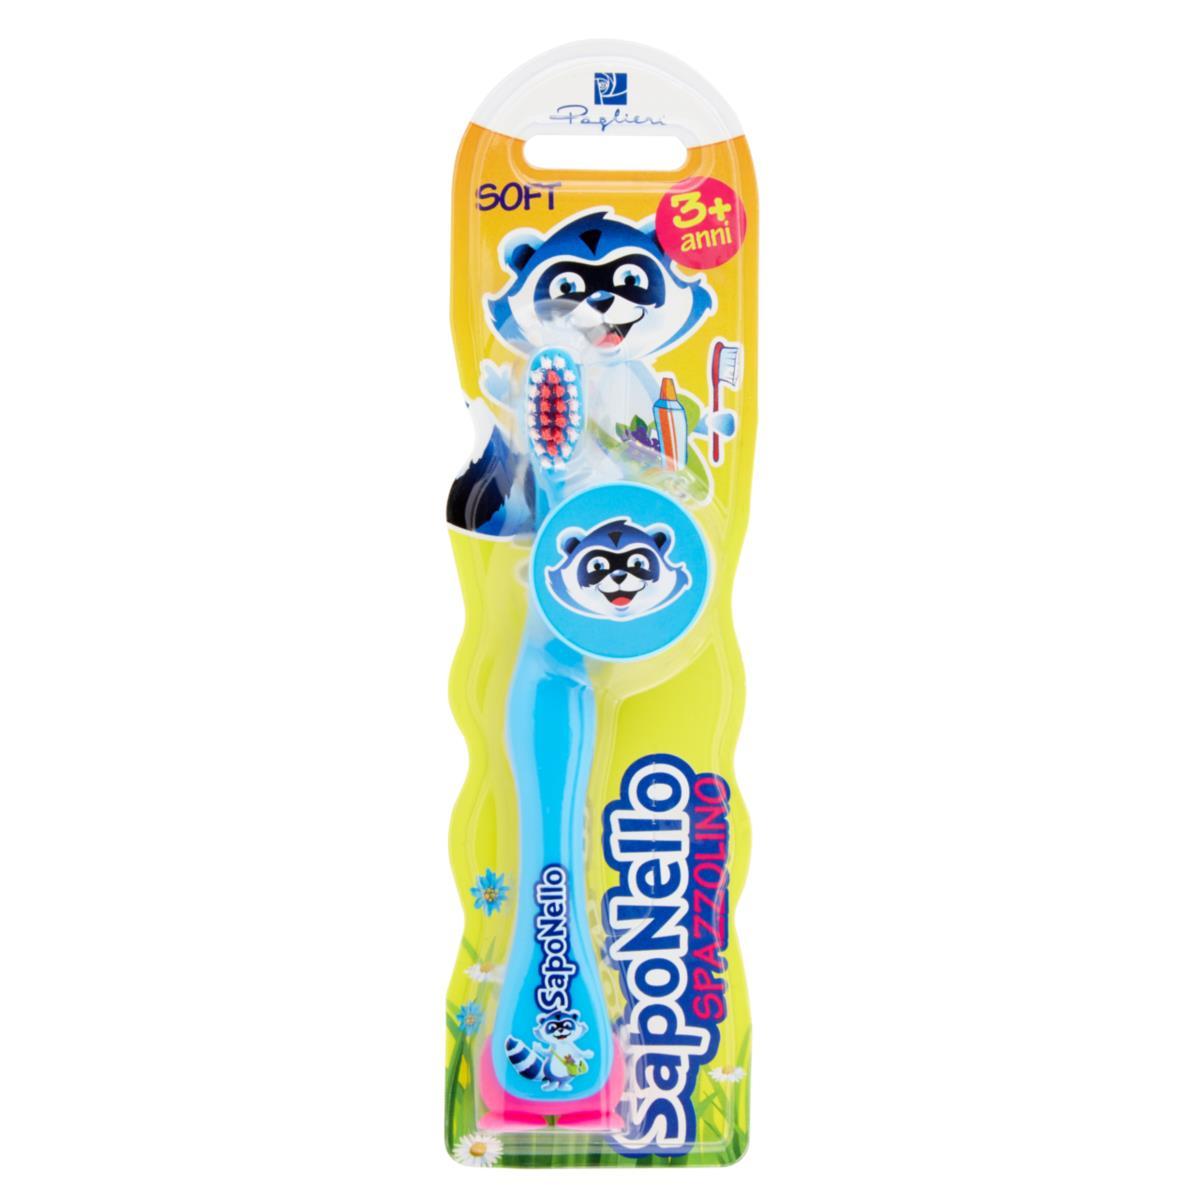 saponello spazzolino bimbo baby 3+